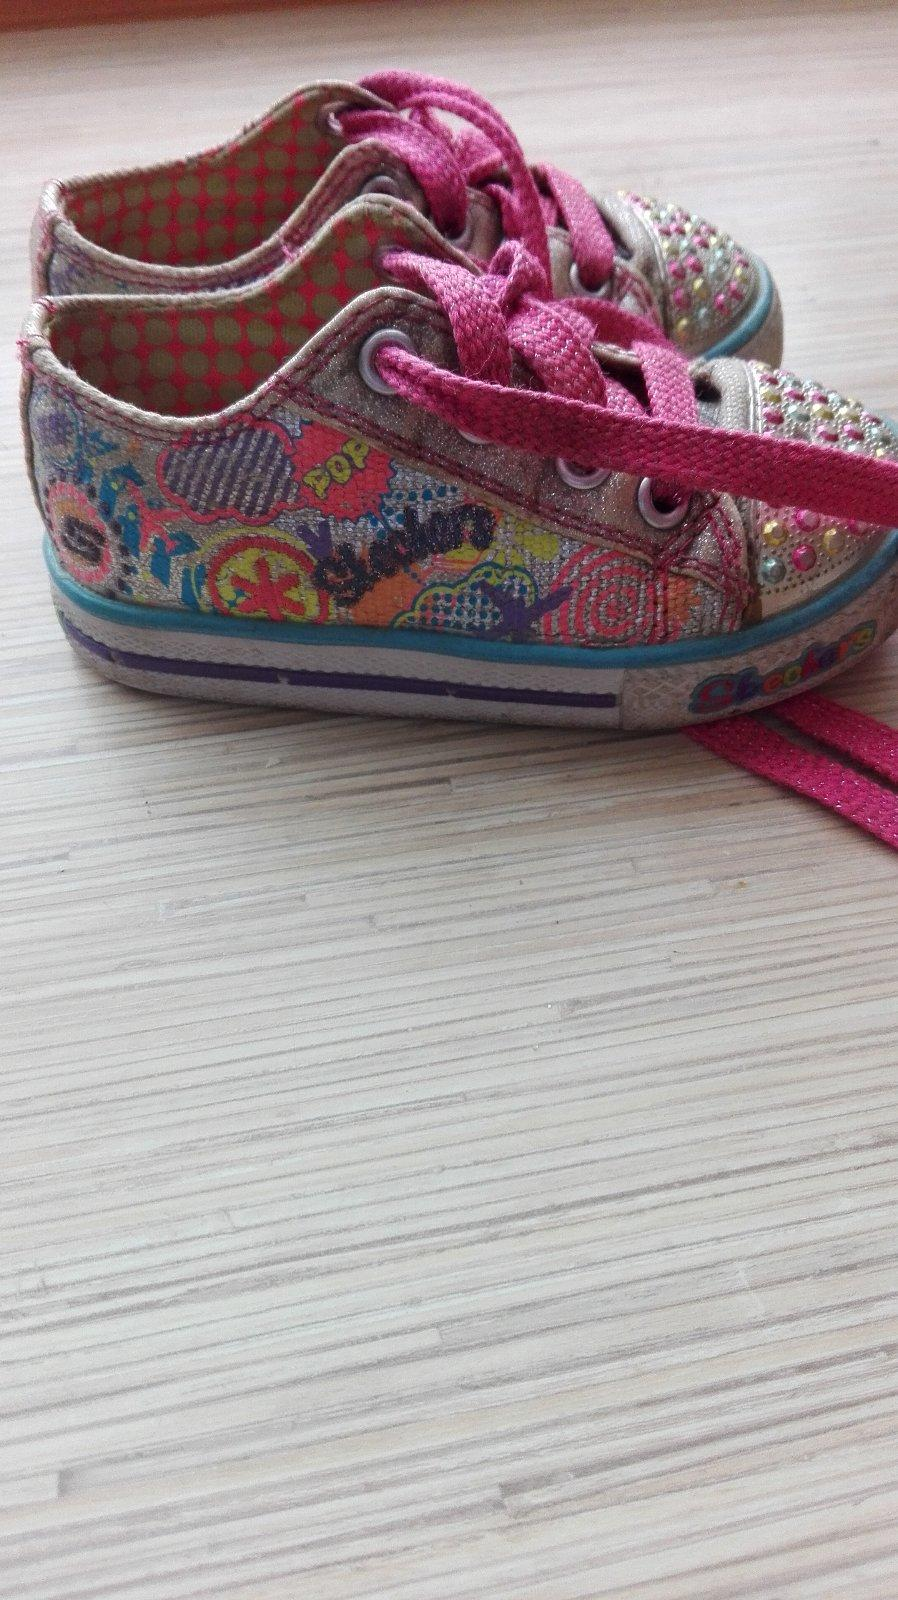 7bde267d148f2 Blikajuce topánky, skechers,22 - 8 € od predávajúcej mpo33 | Detský bazár |  ModryKonik.sk